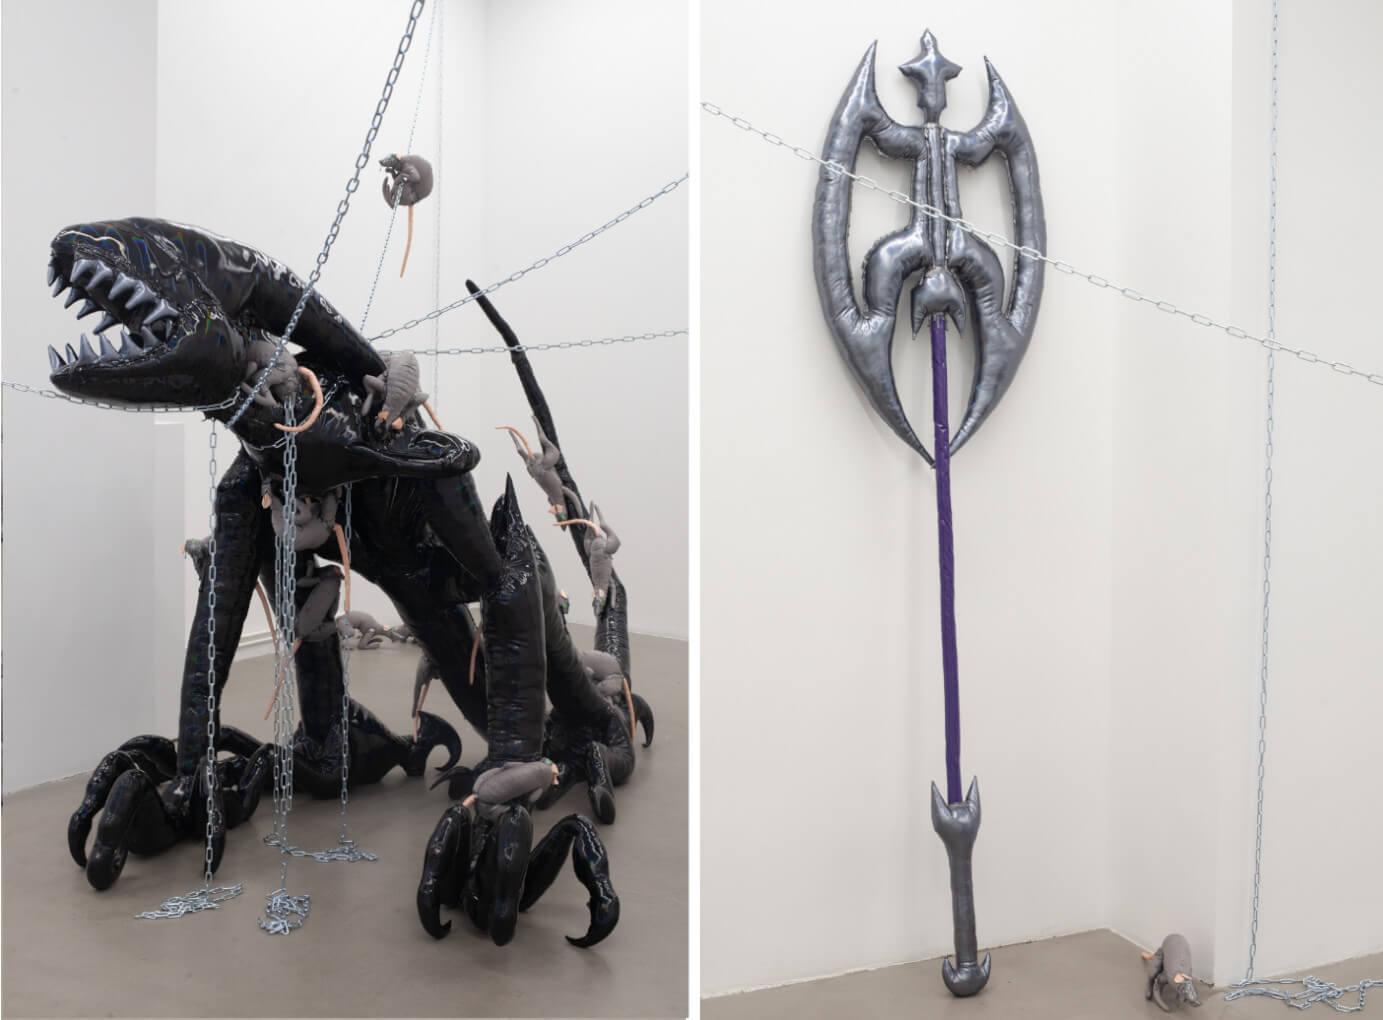 An der Wand lehnt eine Skulptur, die an eine Waffe erinnert. Links ist ein weiteres Mal das Stoff-Monster zu sehen.